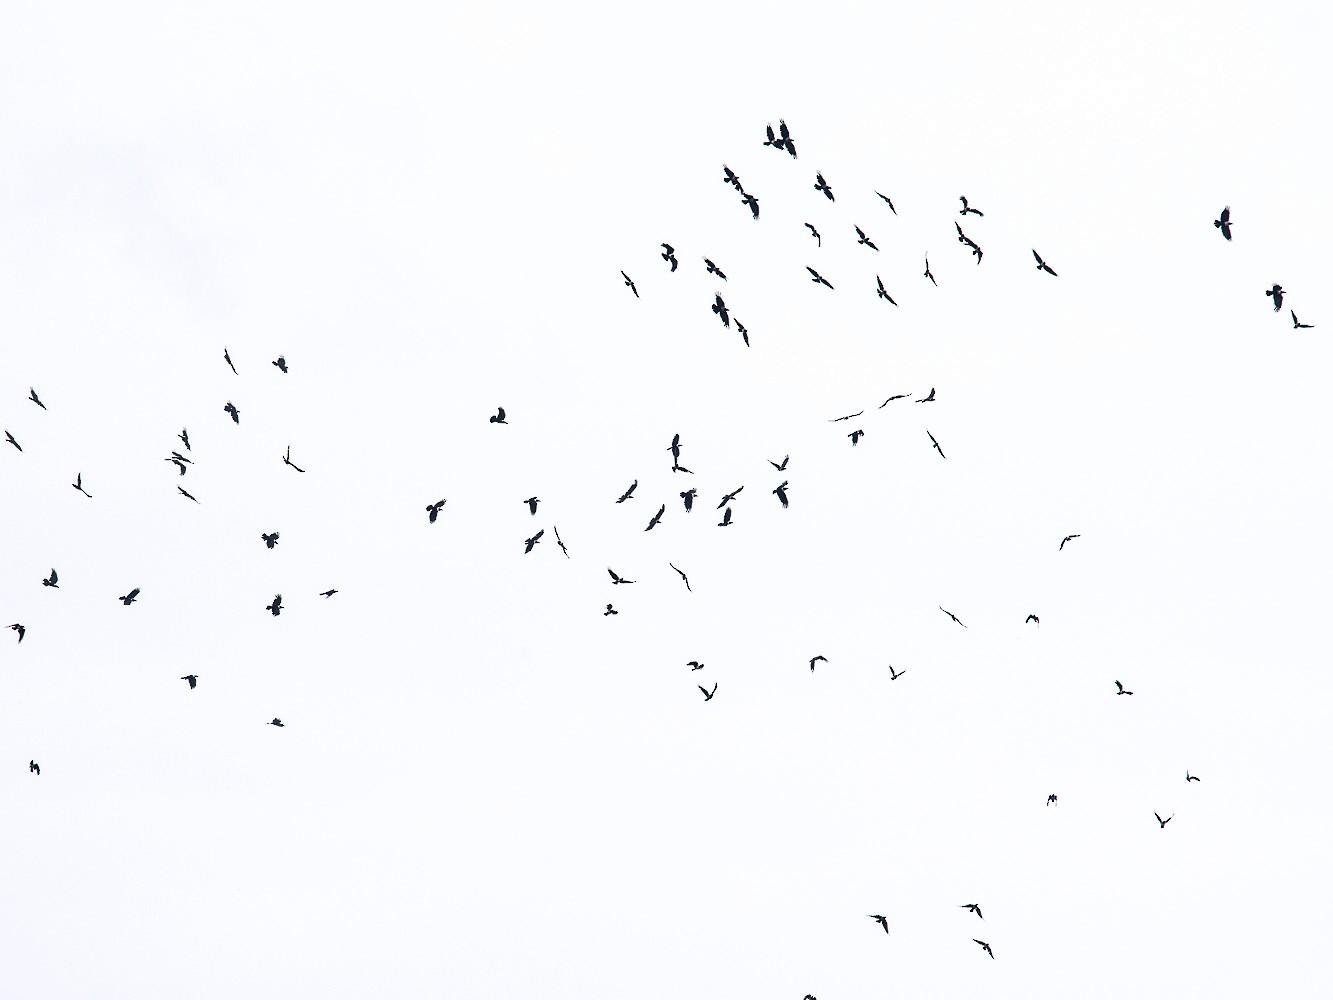 Pied Crow - Pattaraporn Vangtal